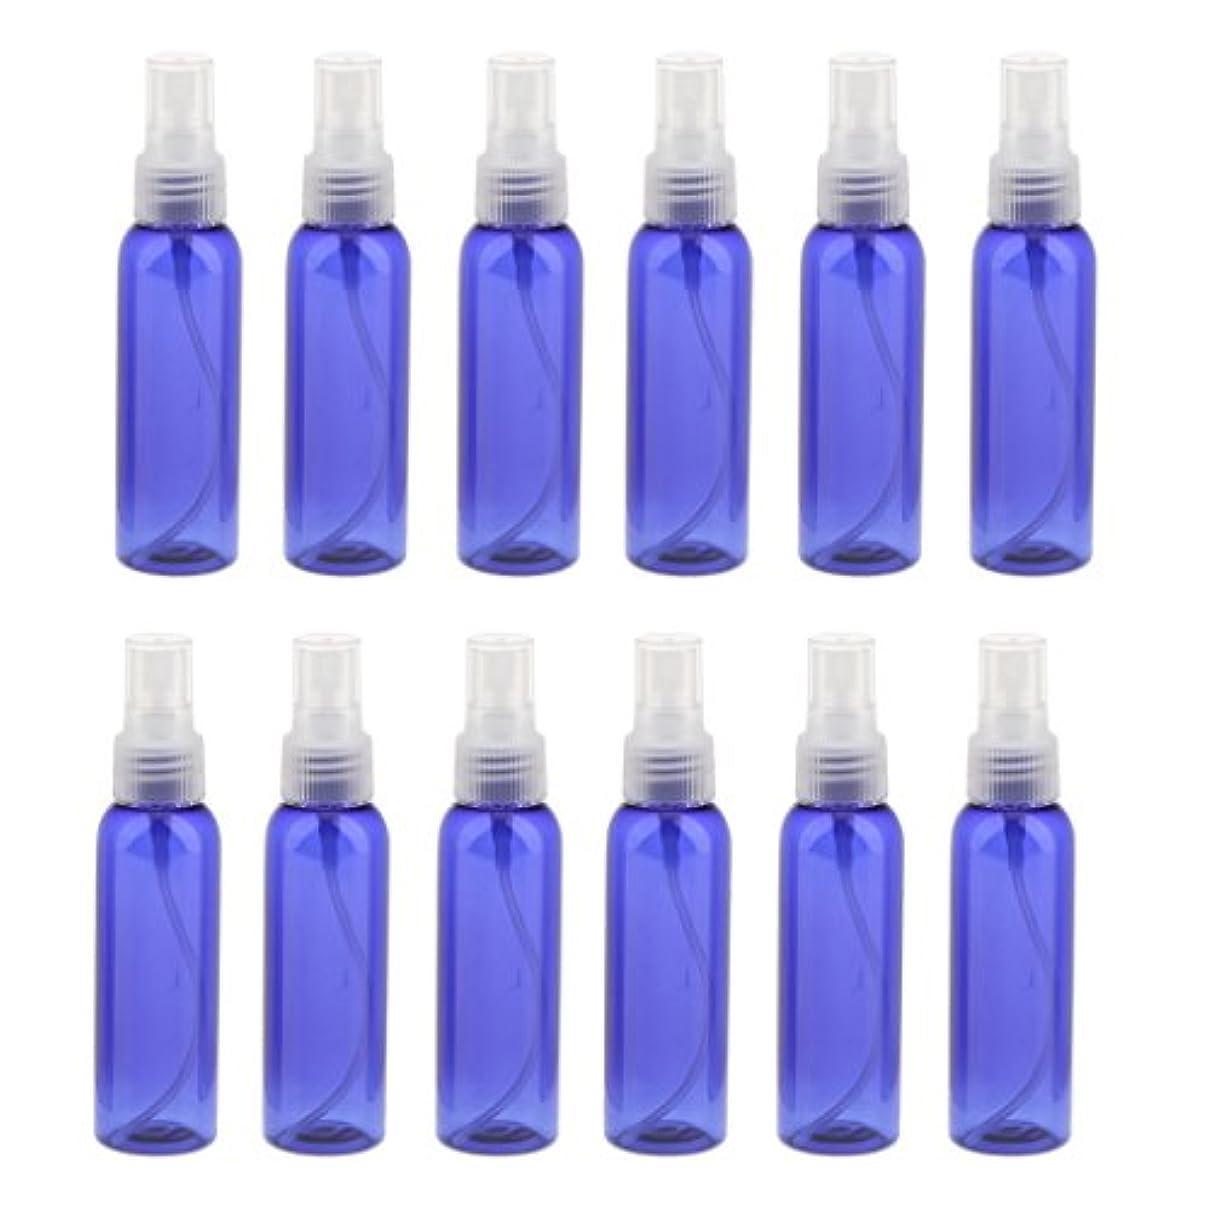 一杯小人ラジウム空 旅行用 スプレーボトル アトマイザー 液体香水 軽量 便利 詰め替え&ポータブル 12本 60ML 全3色 - クリア